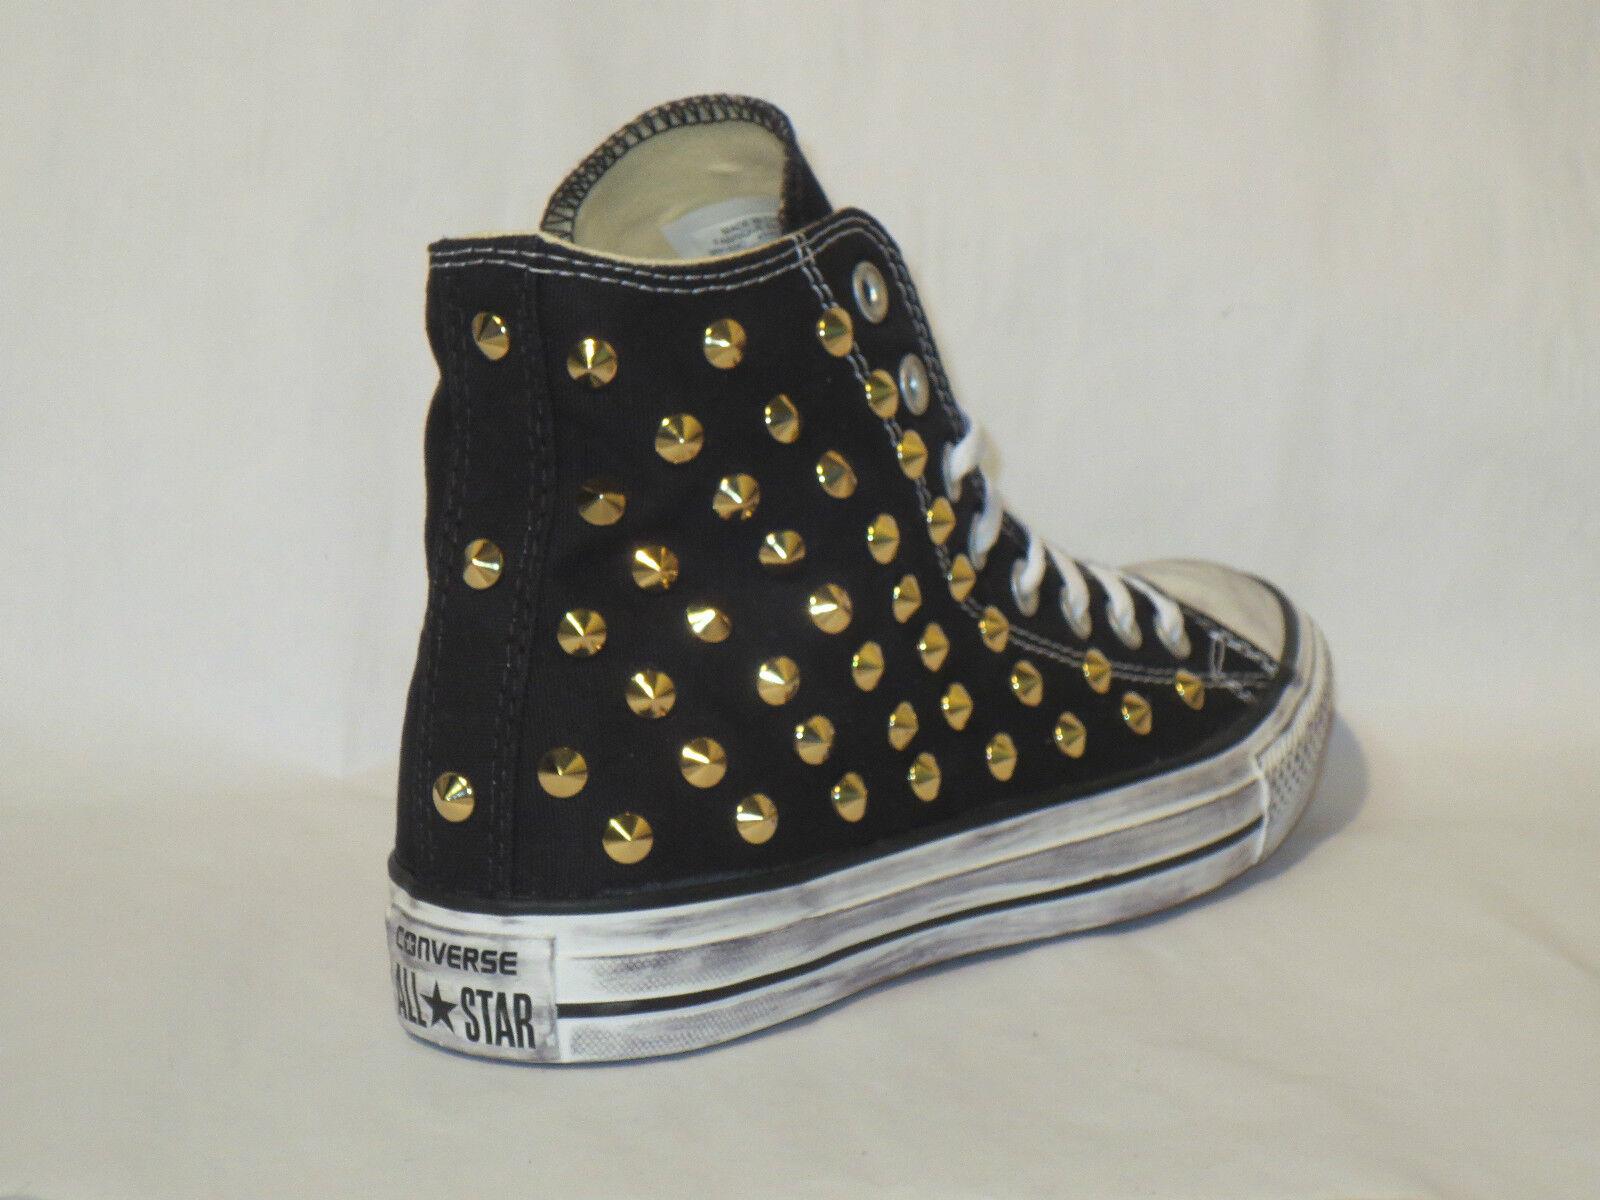 Converse all star Hi borchie nero oro scarpe donna uomo nero borchie artigianali 40efc1